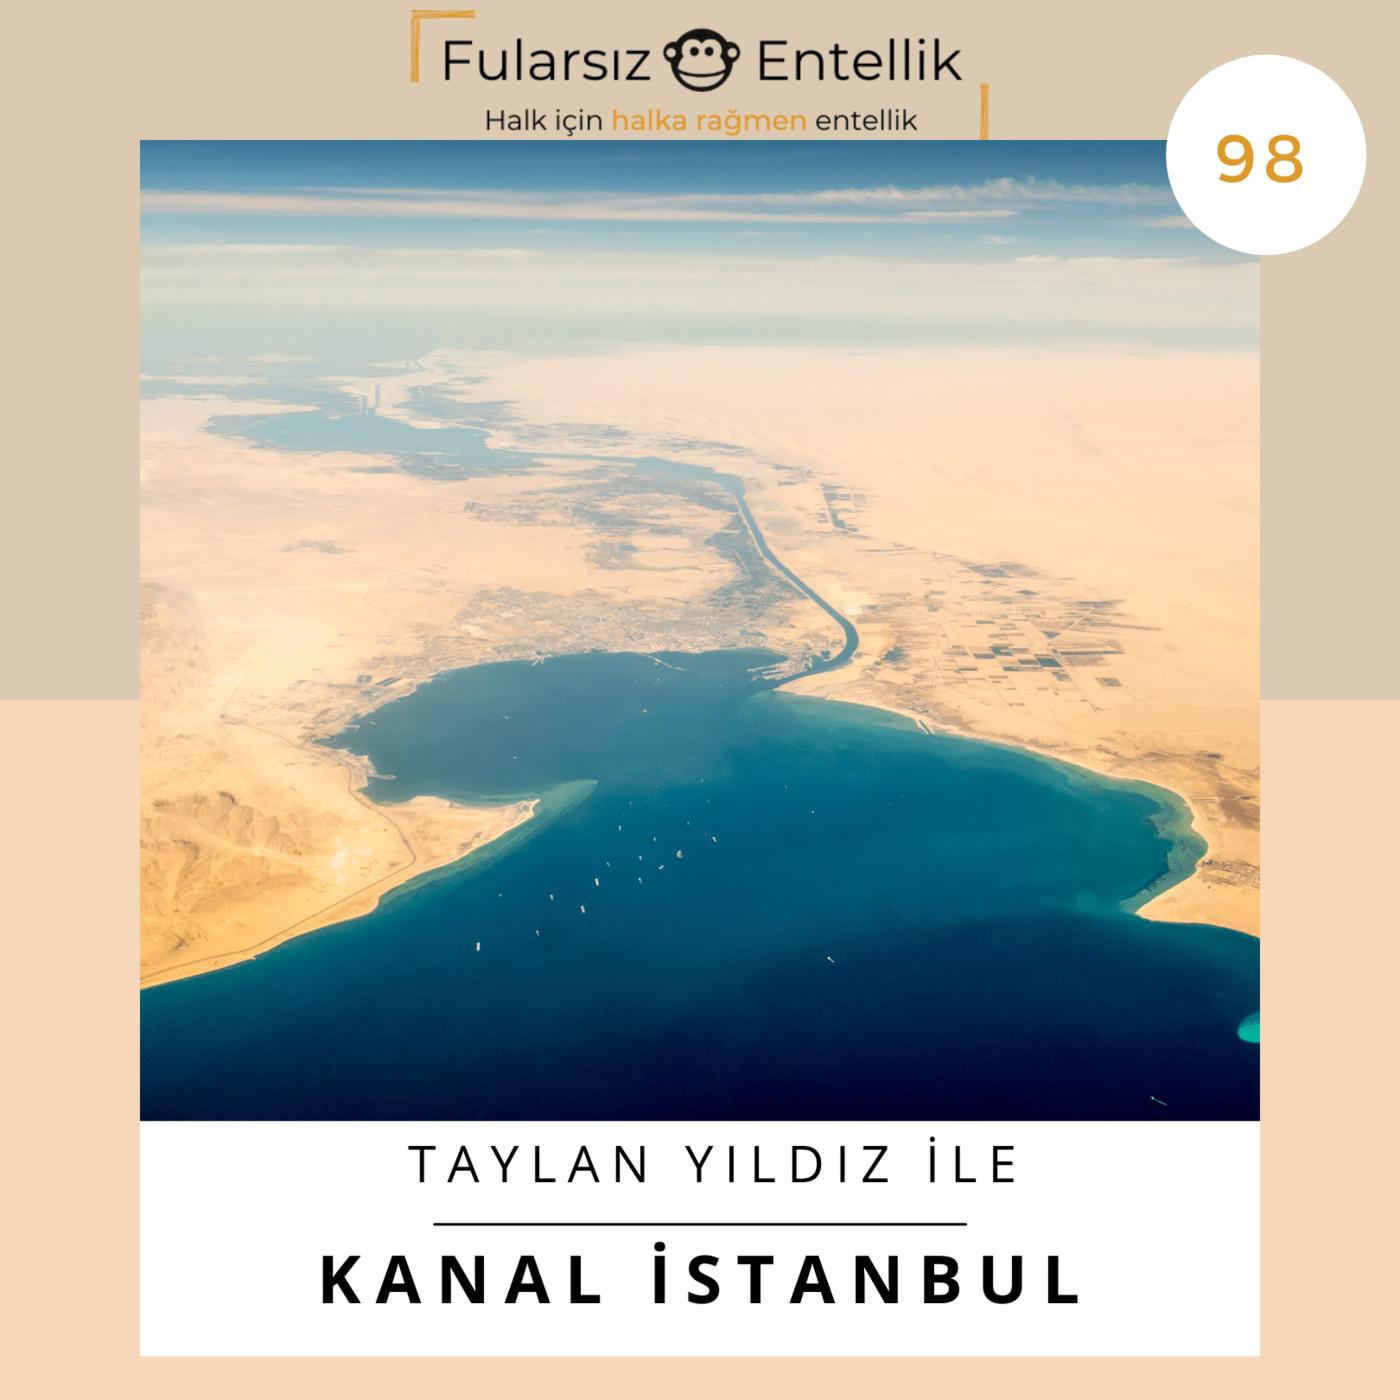 Kanal İstanbul: Taylan Yıldız ile Para, Çevre, Siyaset